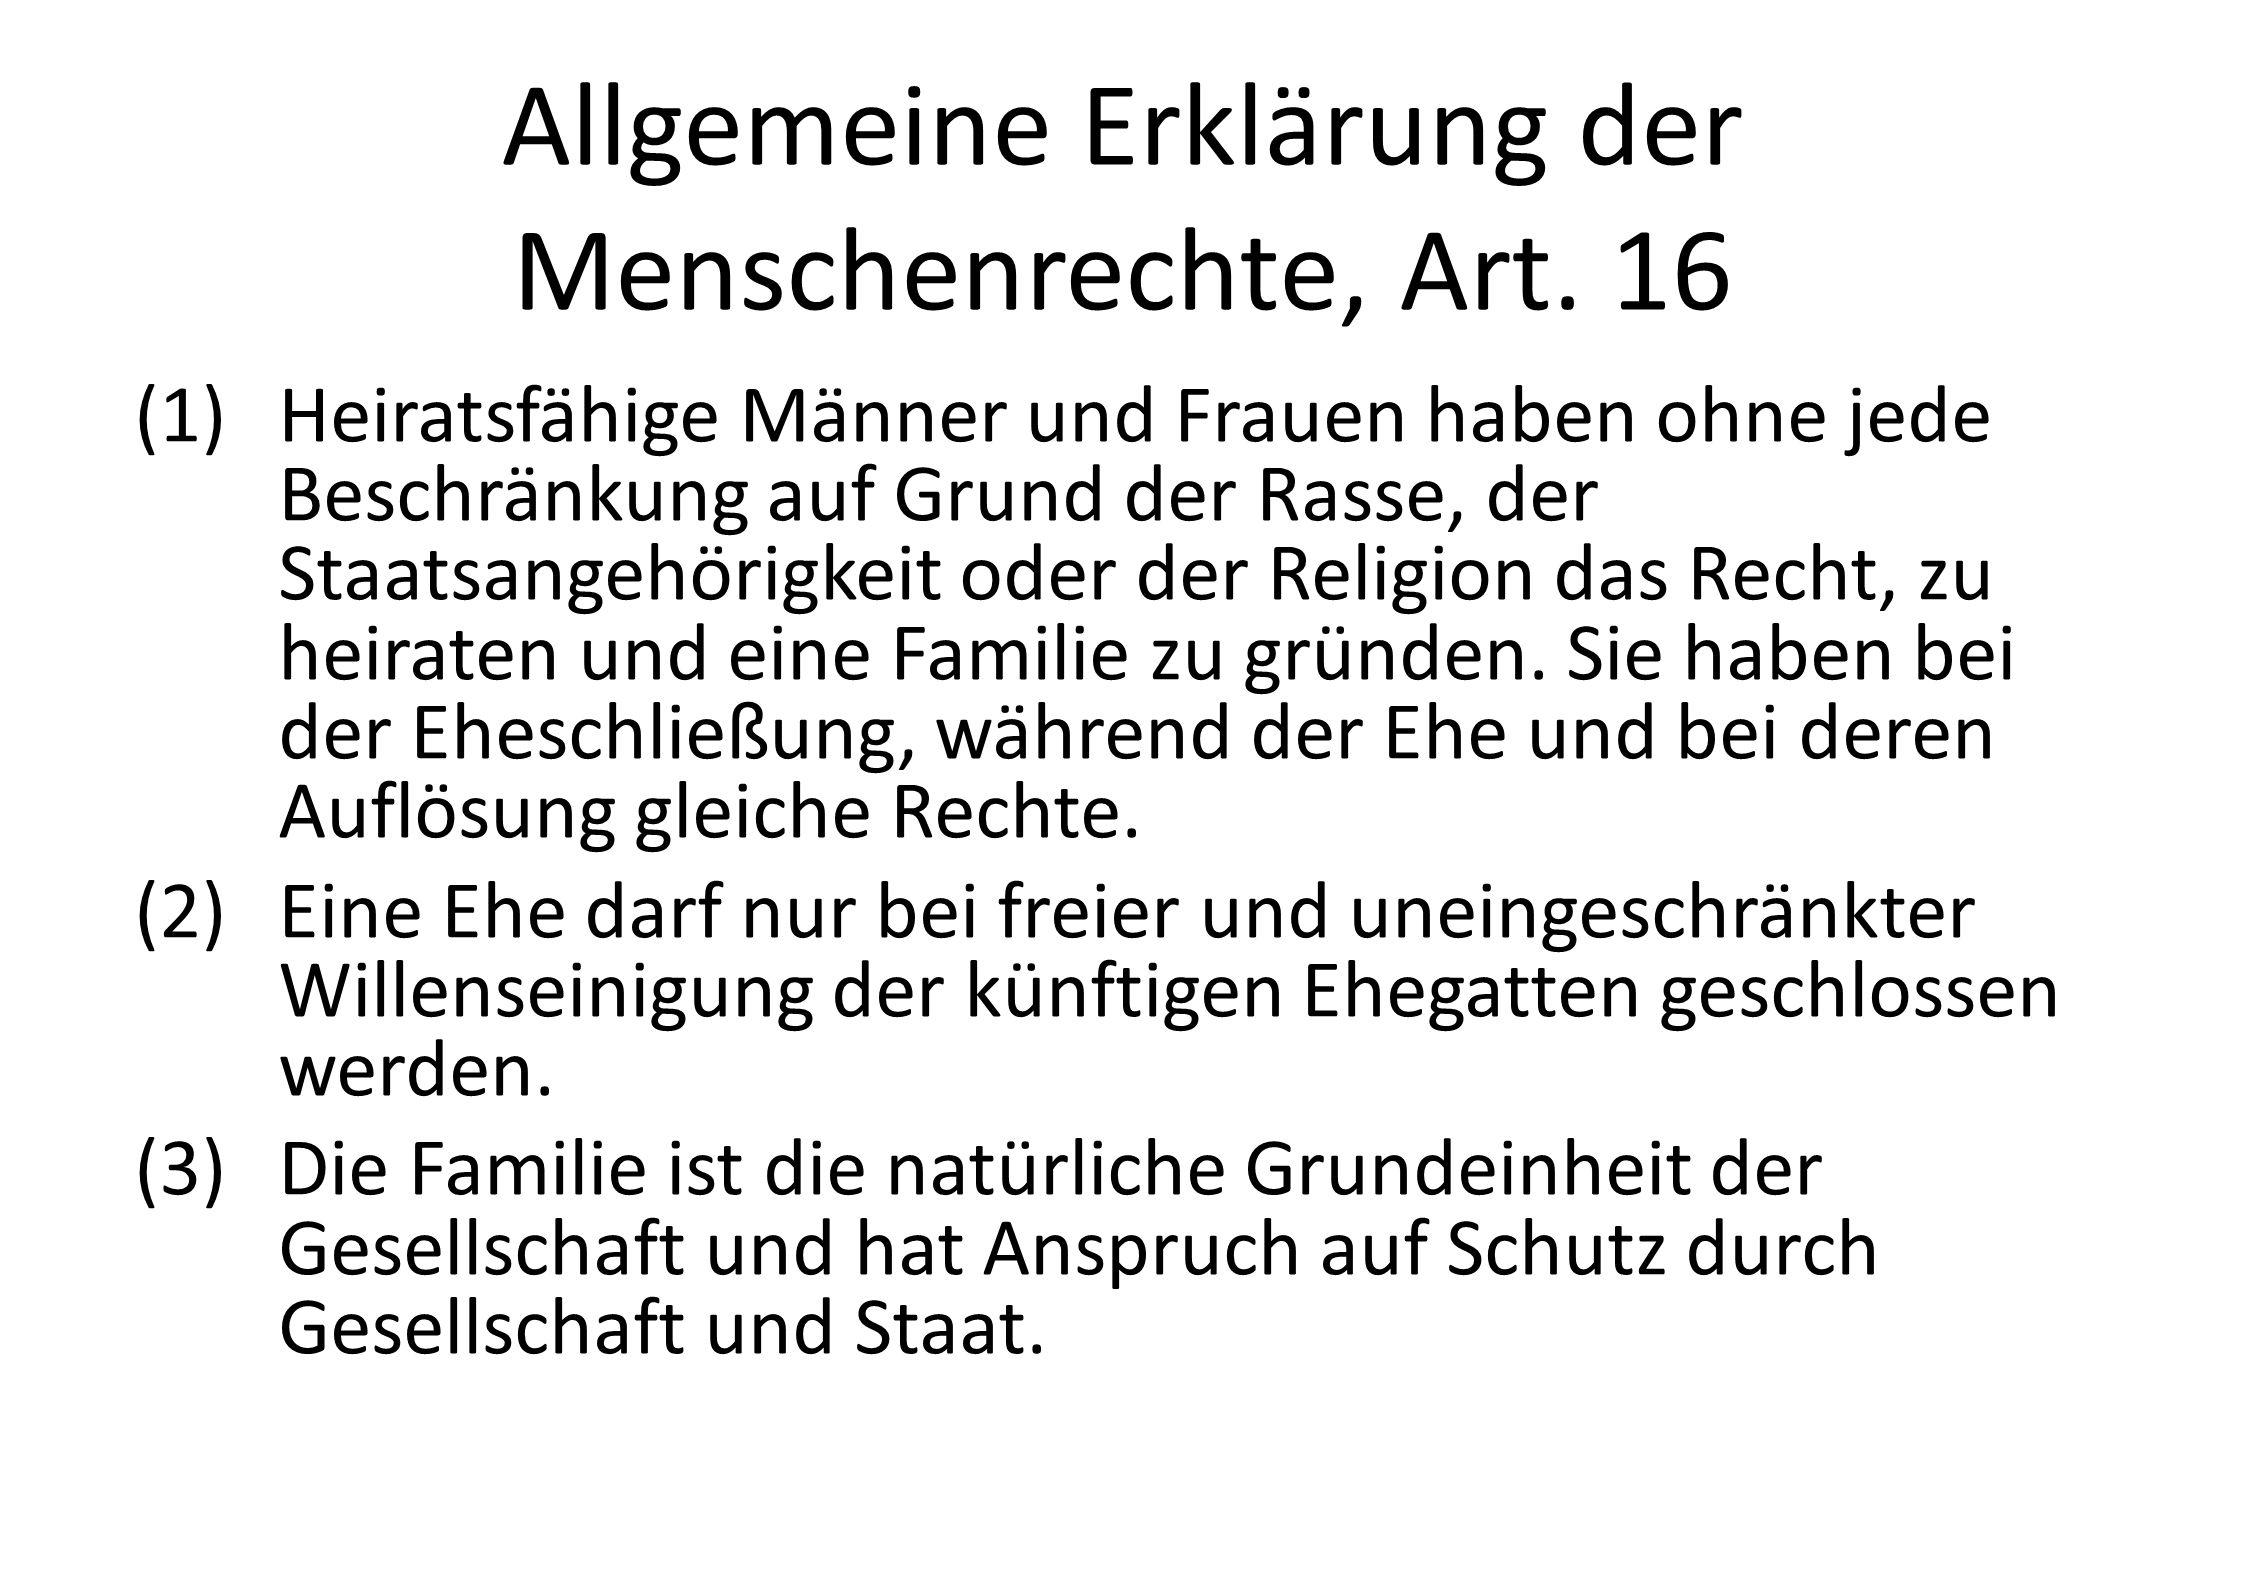 Allgemeine Erklärung der Menschenrechte, Art. 16